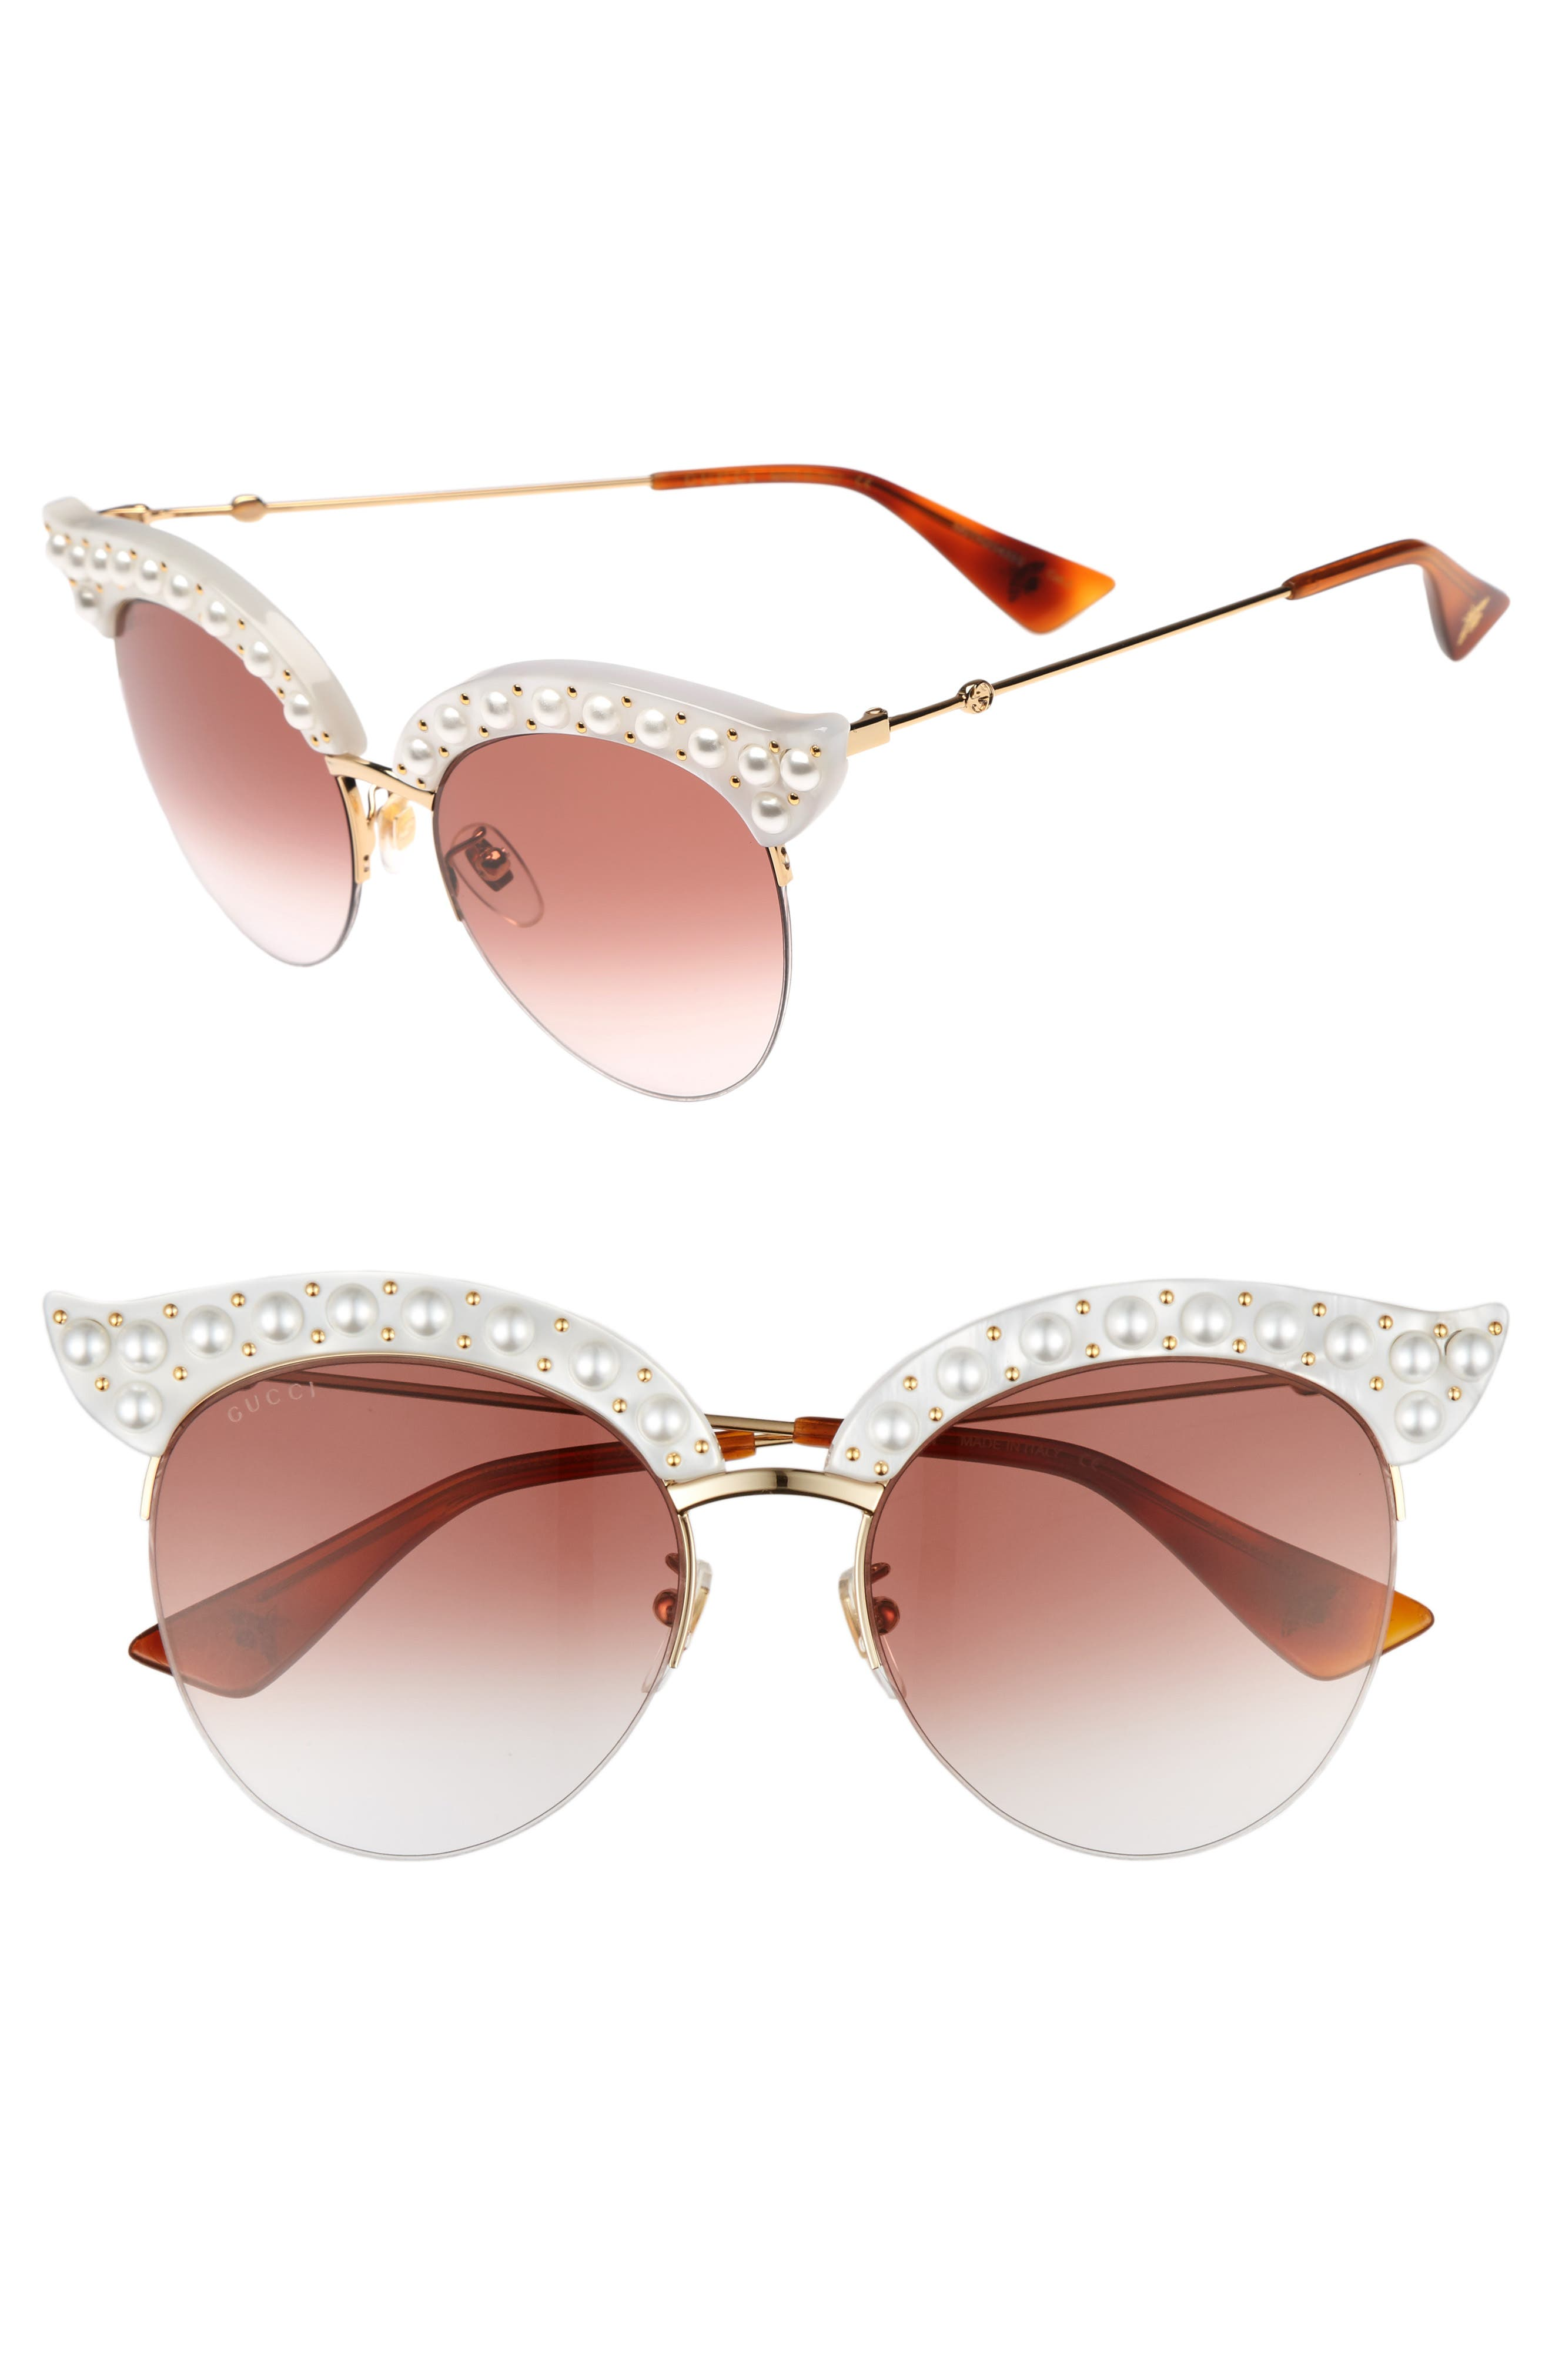 Gucci 53mm Embellished Cat Eye Sunglasses